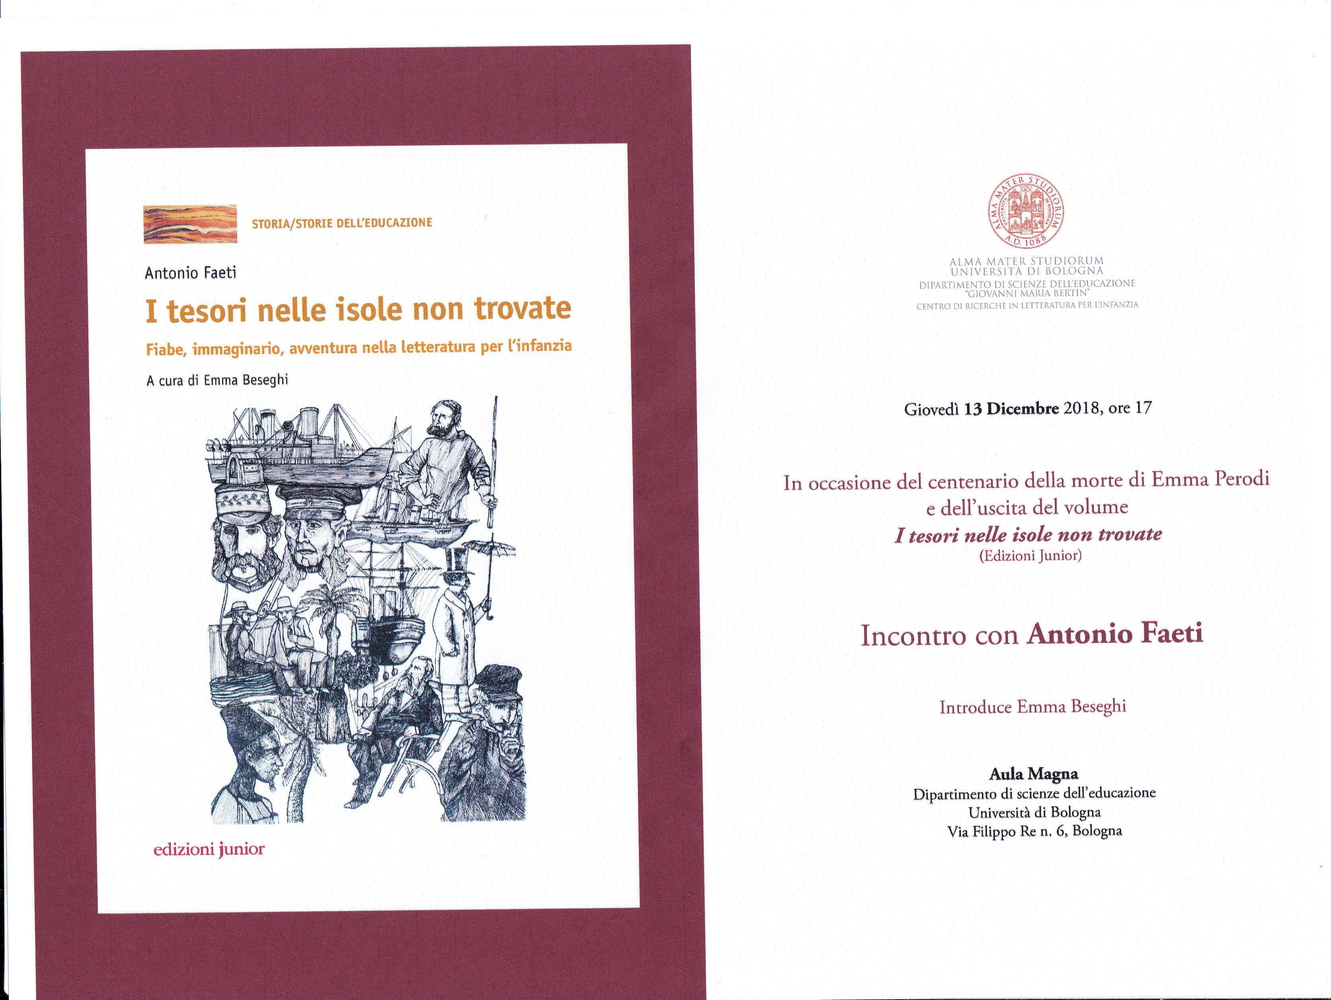 """Presentazione volume """"I tesori nelle isole non trovate"""" e incontro con Antonio Faeti a cento anni dalla morte di Emma Perodi – 13 dicembre, Bologna"""